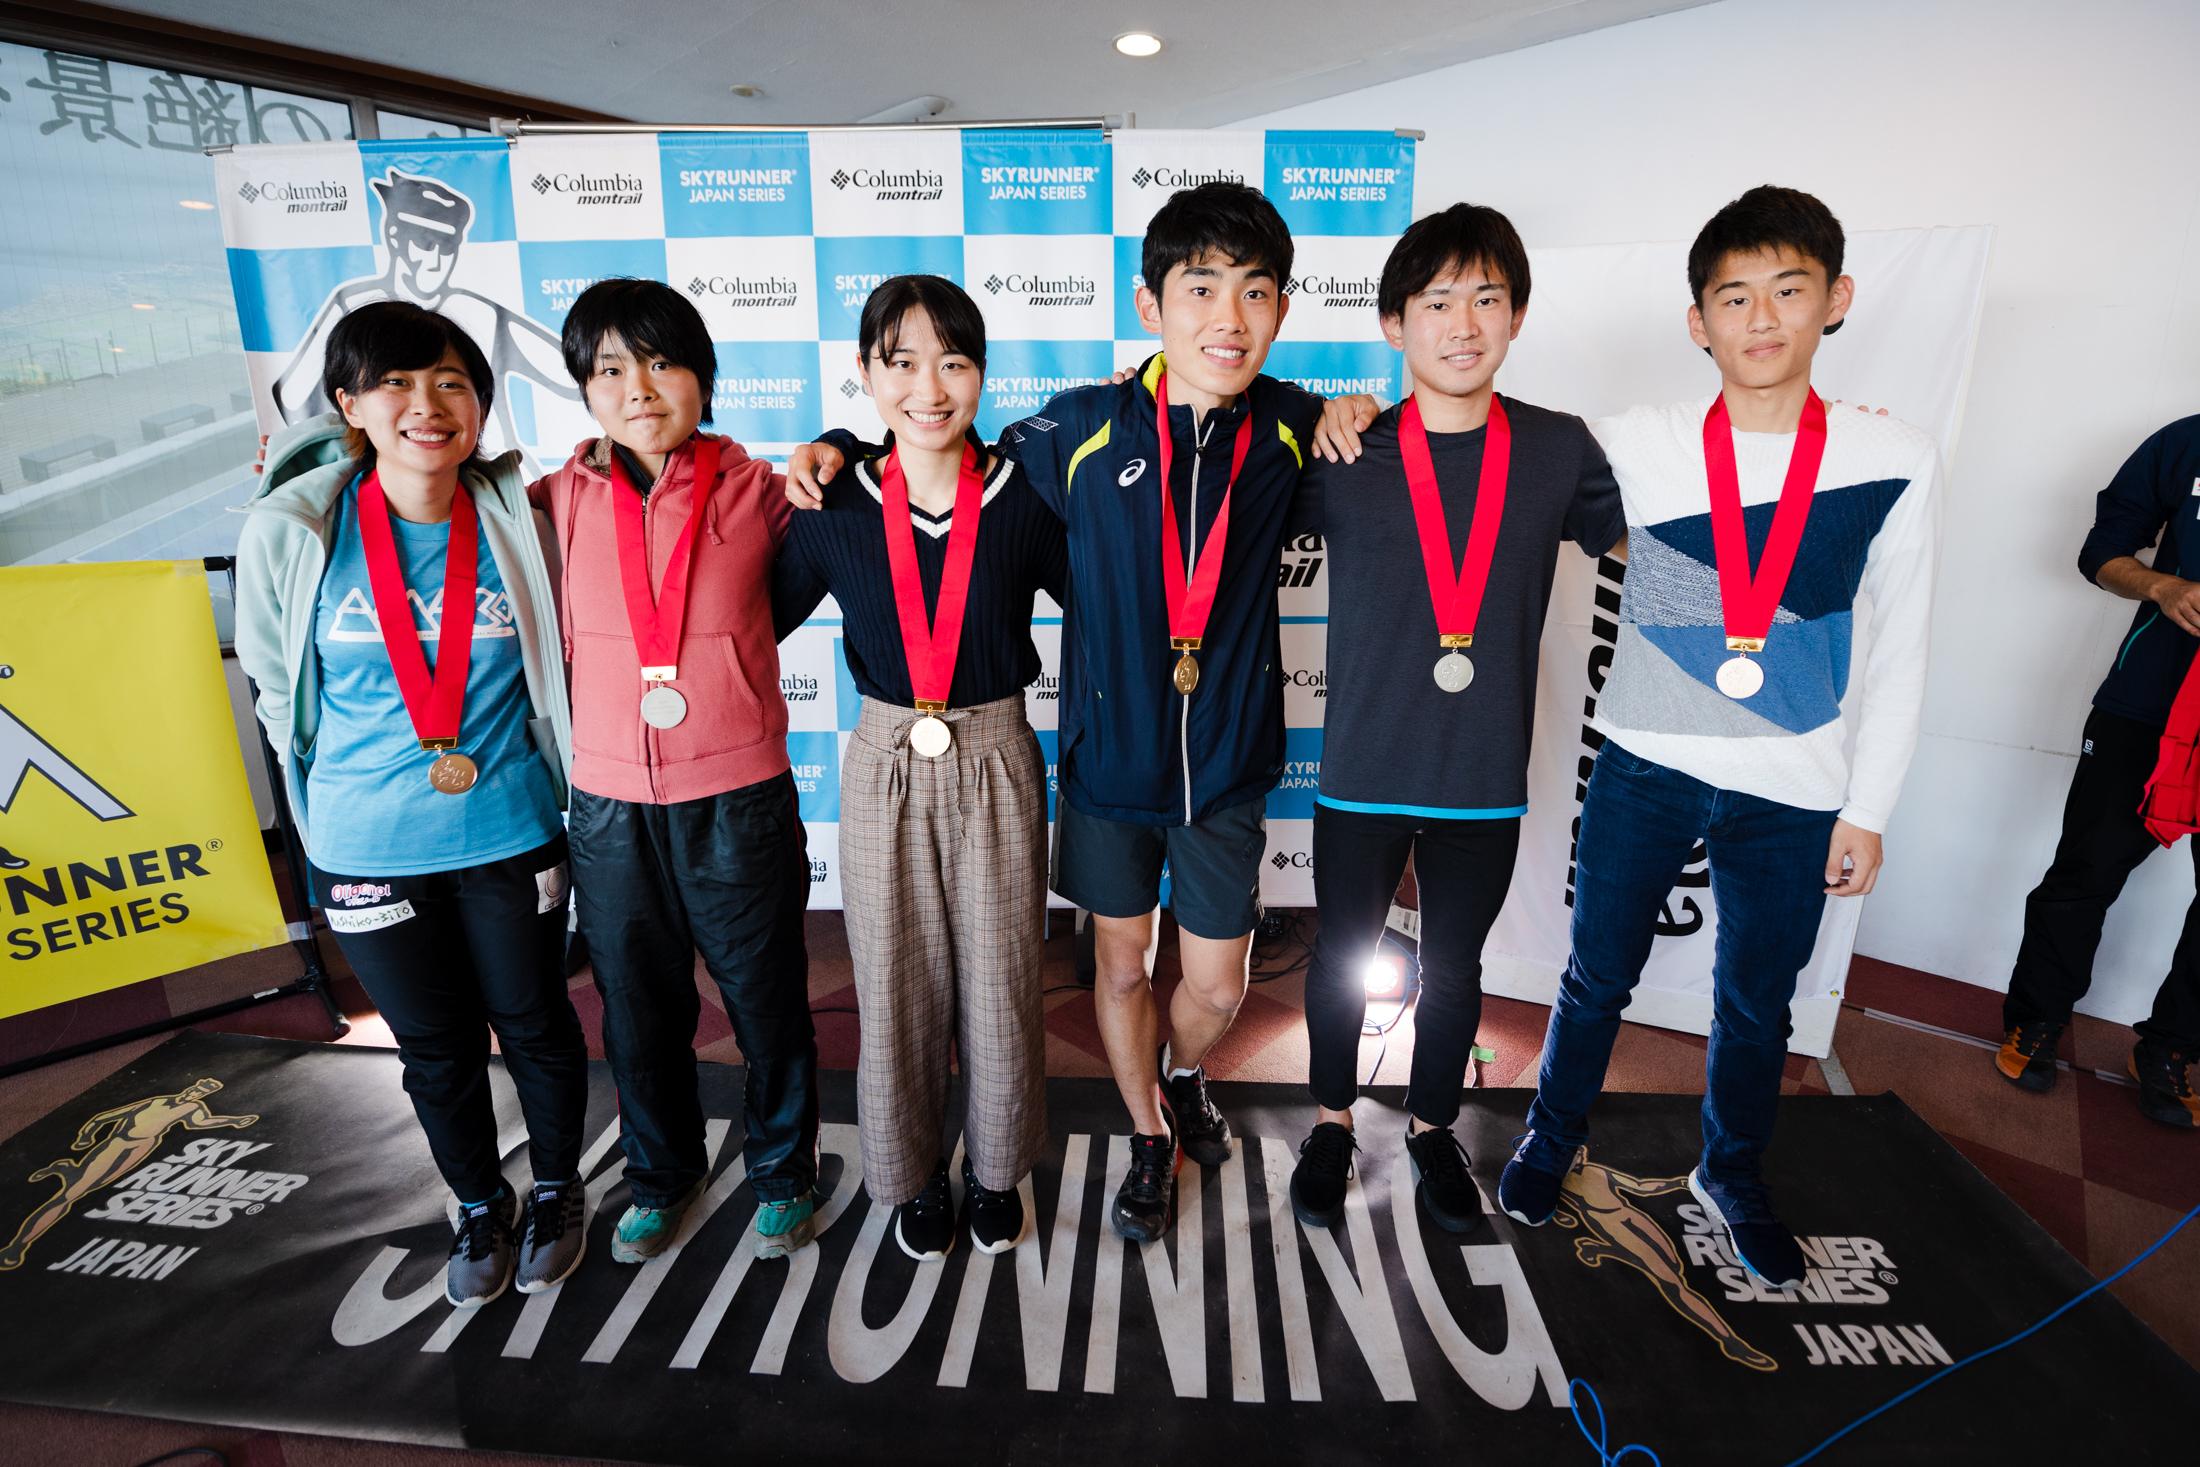 ユース日本選手権(代替レース)の表彰、左から安ケ平、若林、高橋、山口、小林、服部 ©びわ湖バレイスカイラン